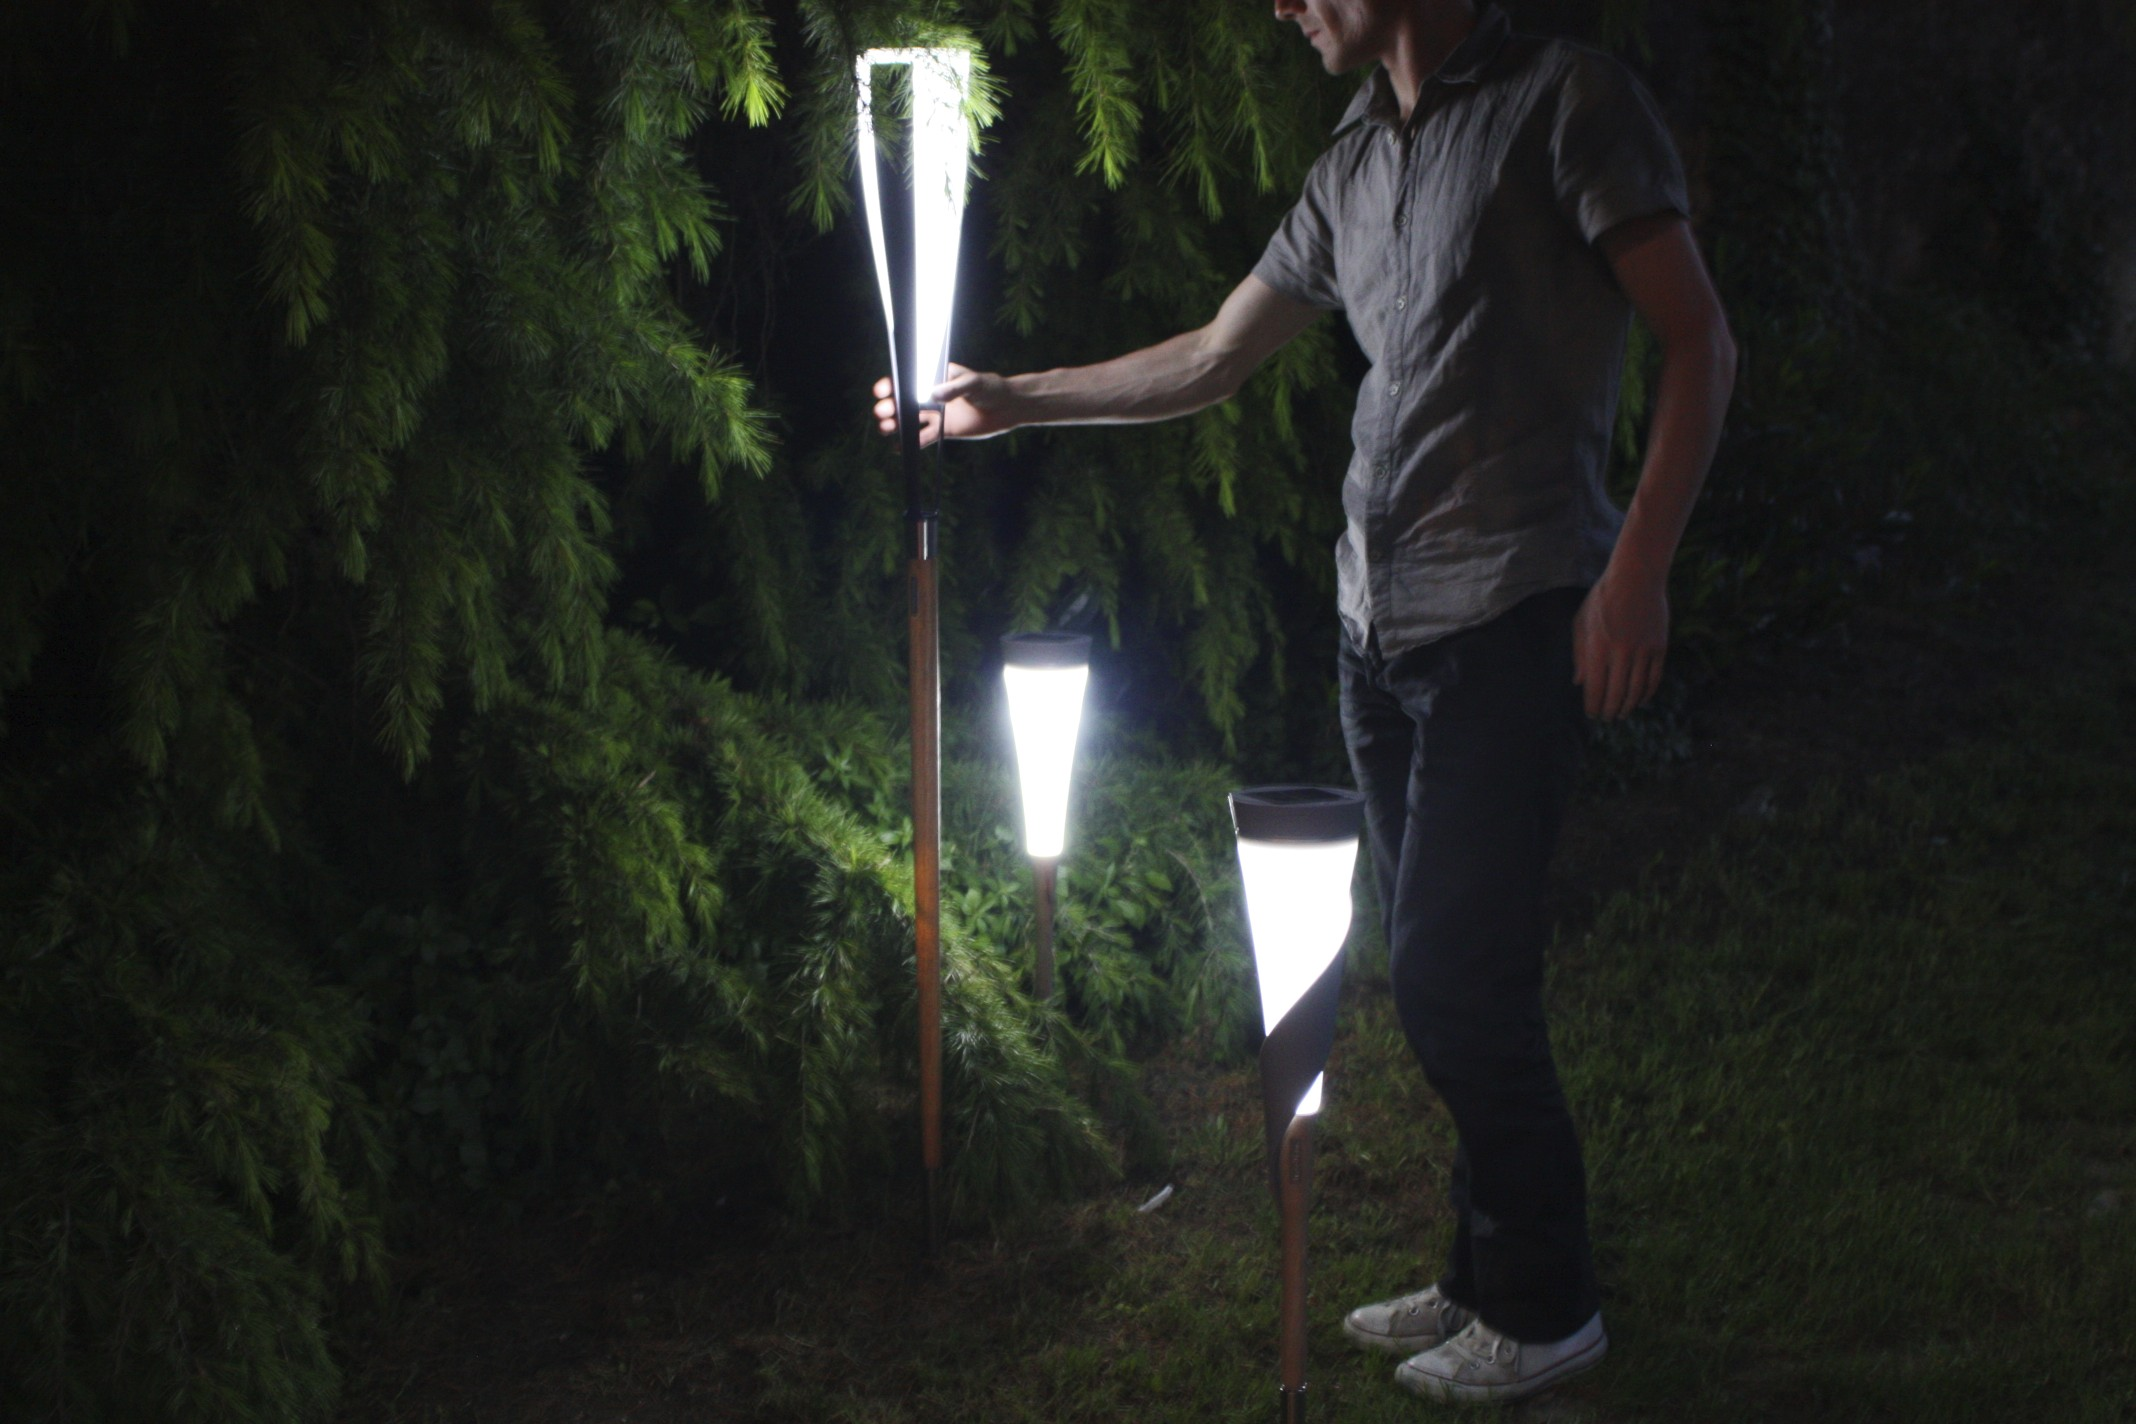 Eclairage Solaire Pour Jardin lampe solaire design roseau court - balise borne solaire | objetsolaire